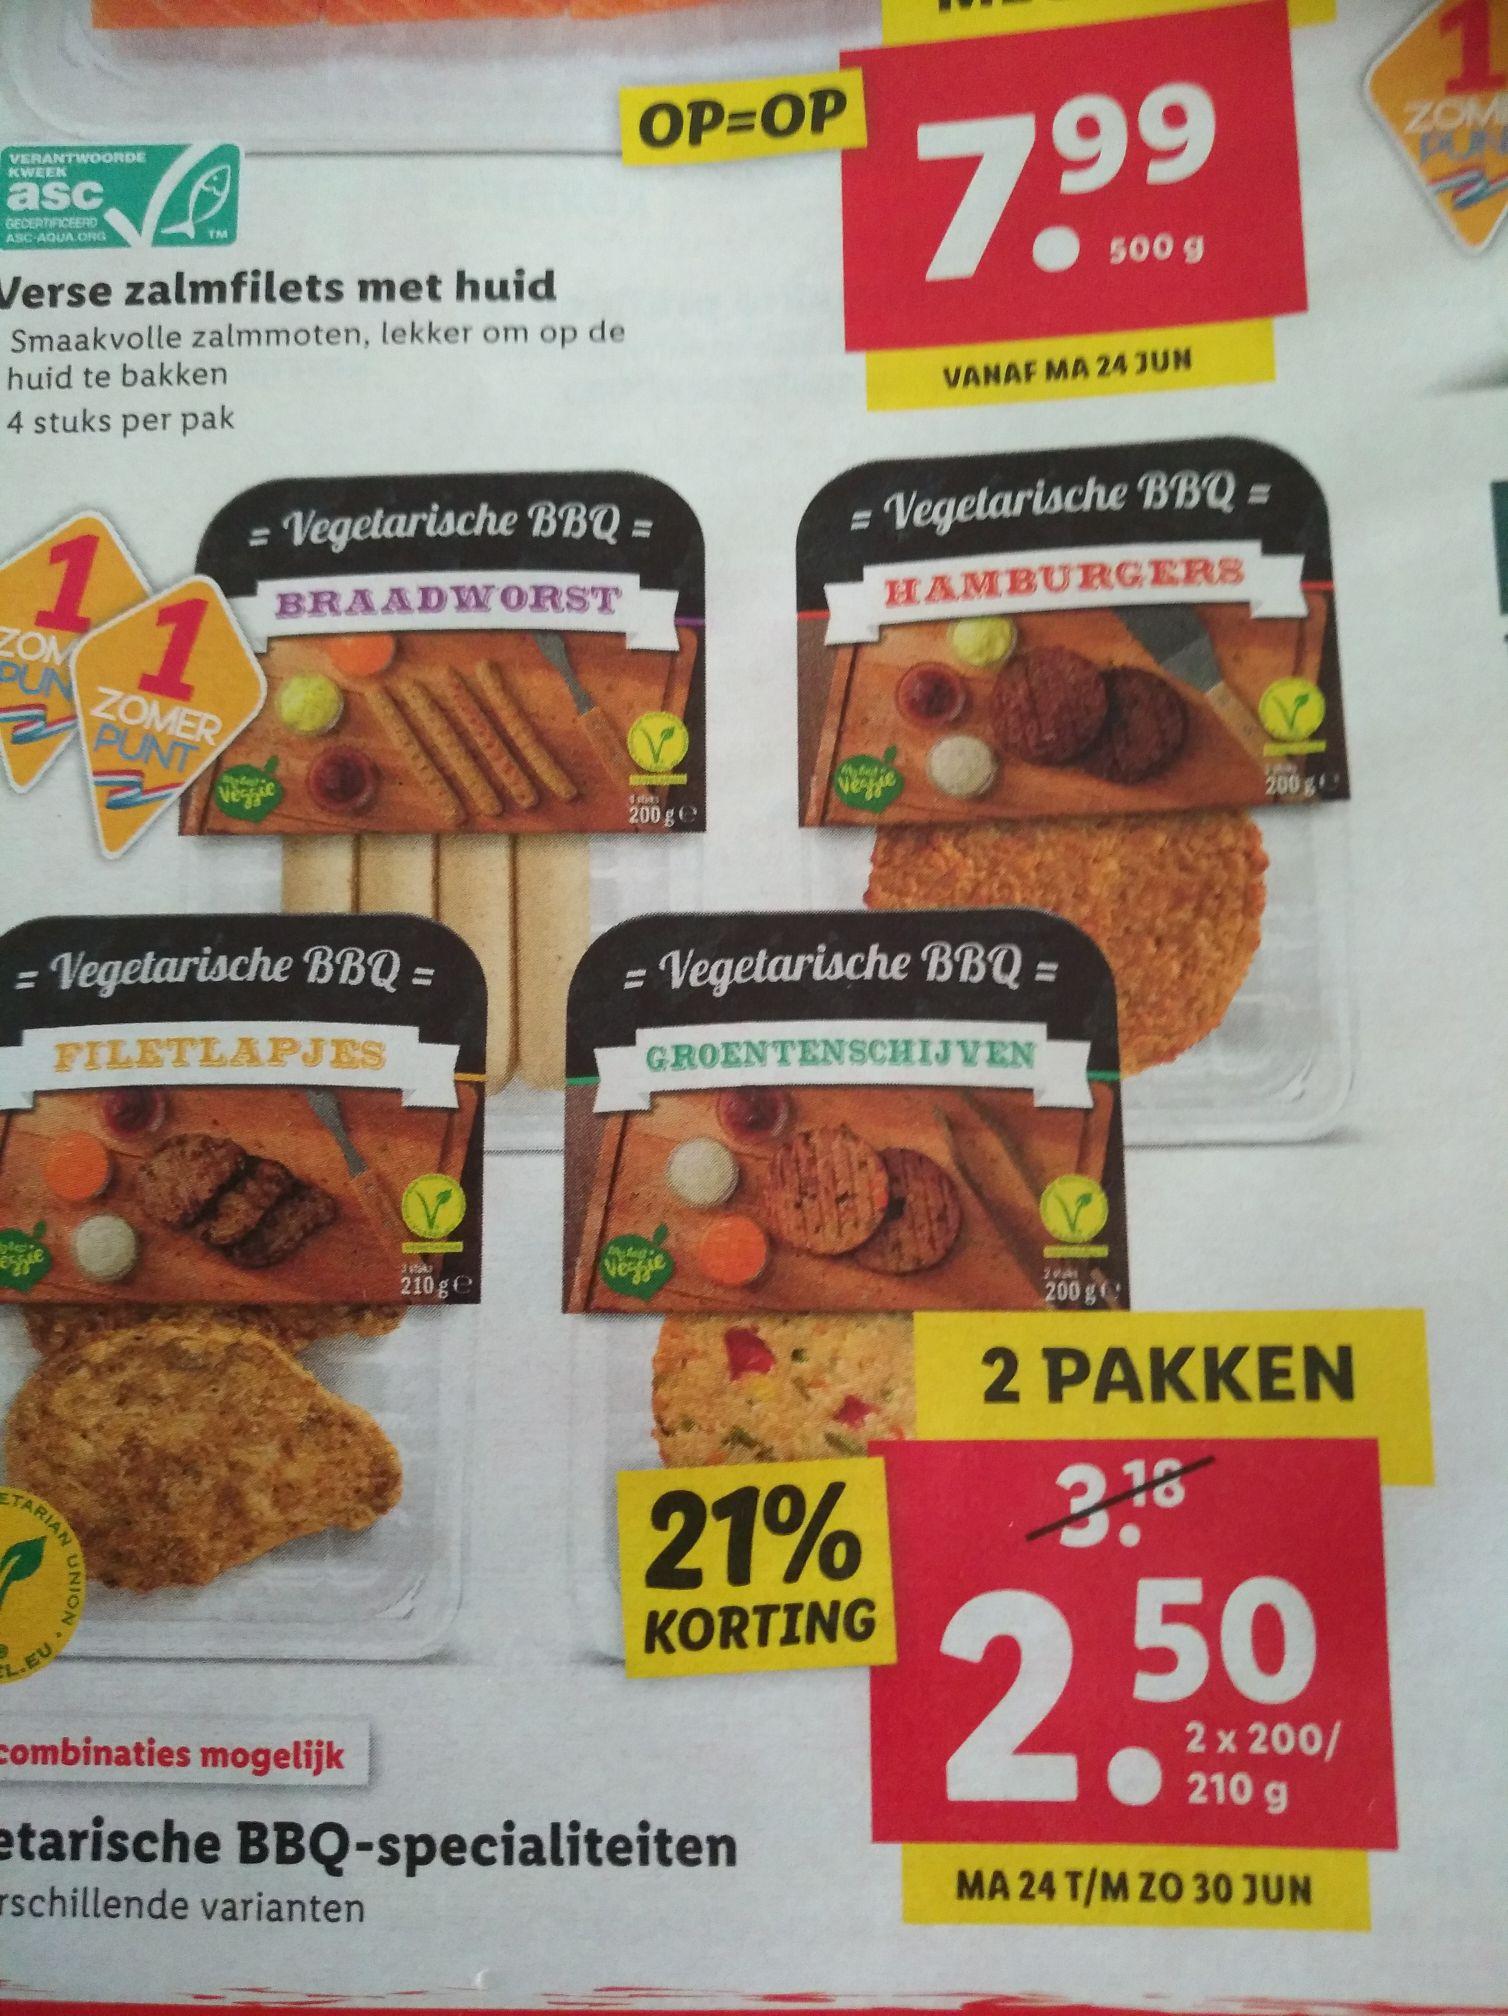 2 pakjes Vegetarische bbq-specialiteiten voor 2,50 bij Lidl